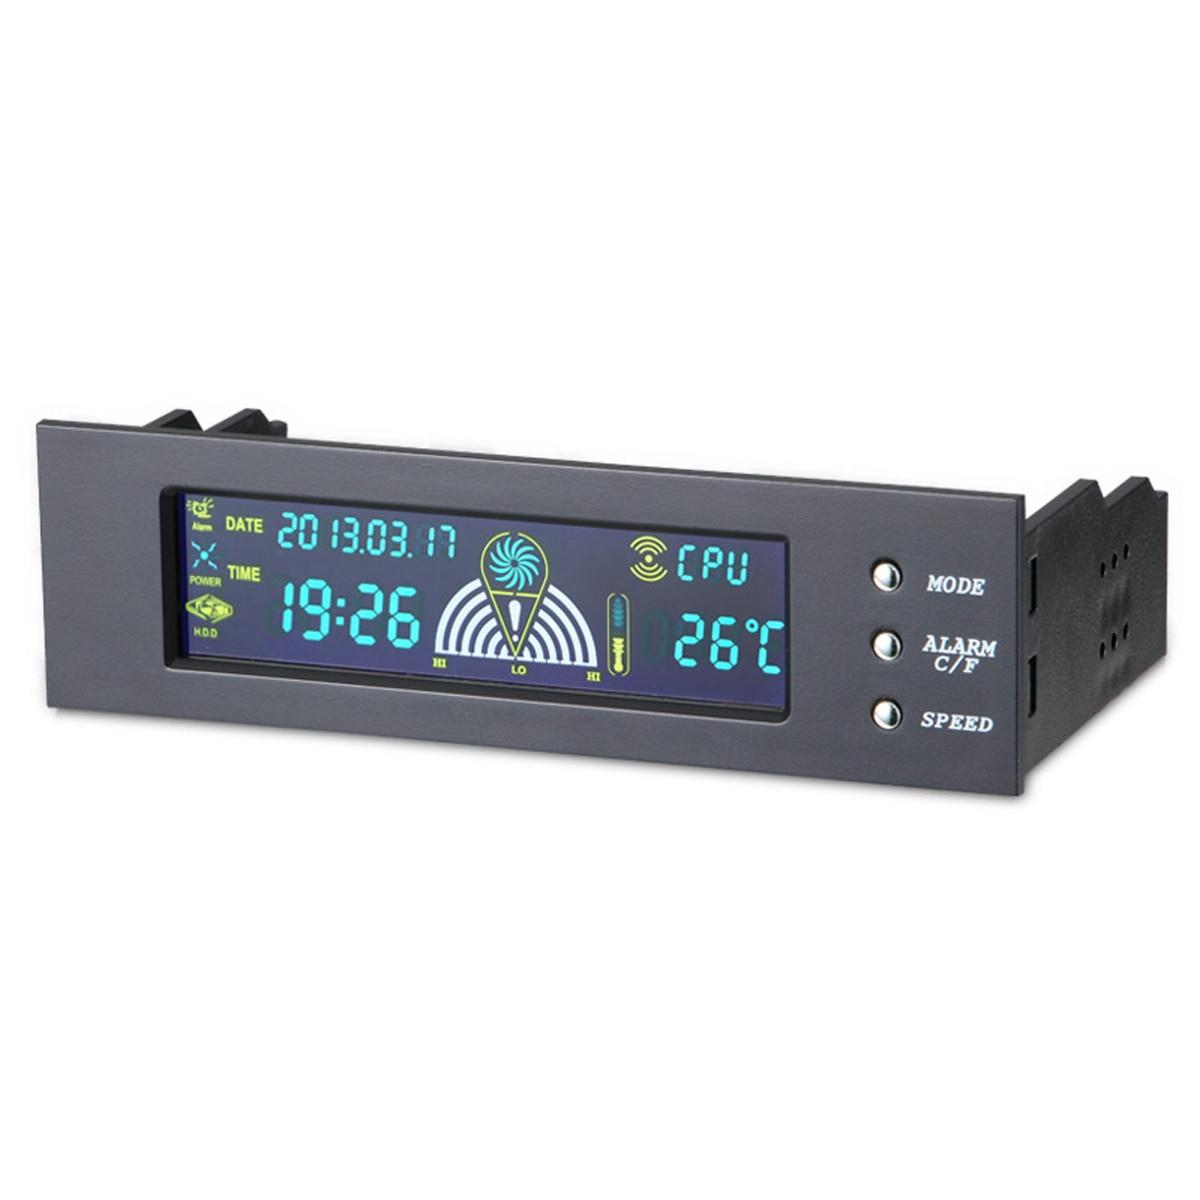 Panel LCD frontal de la Bahía de 5,25 pulgadas 3 controlador de velocidad del ventilador CPU Sensor de temperatura LCD Panel frontal de la pantalla Digital para PC